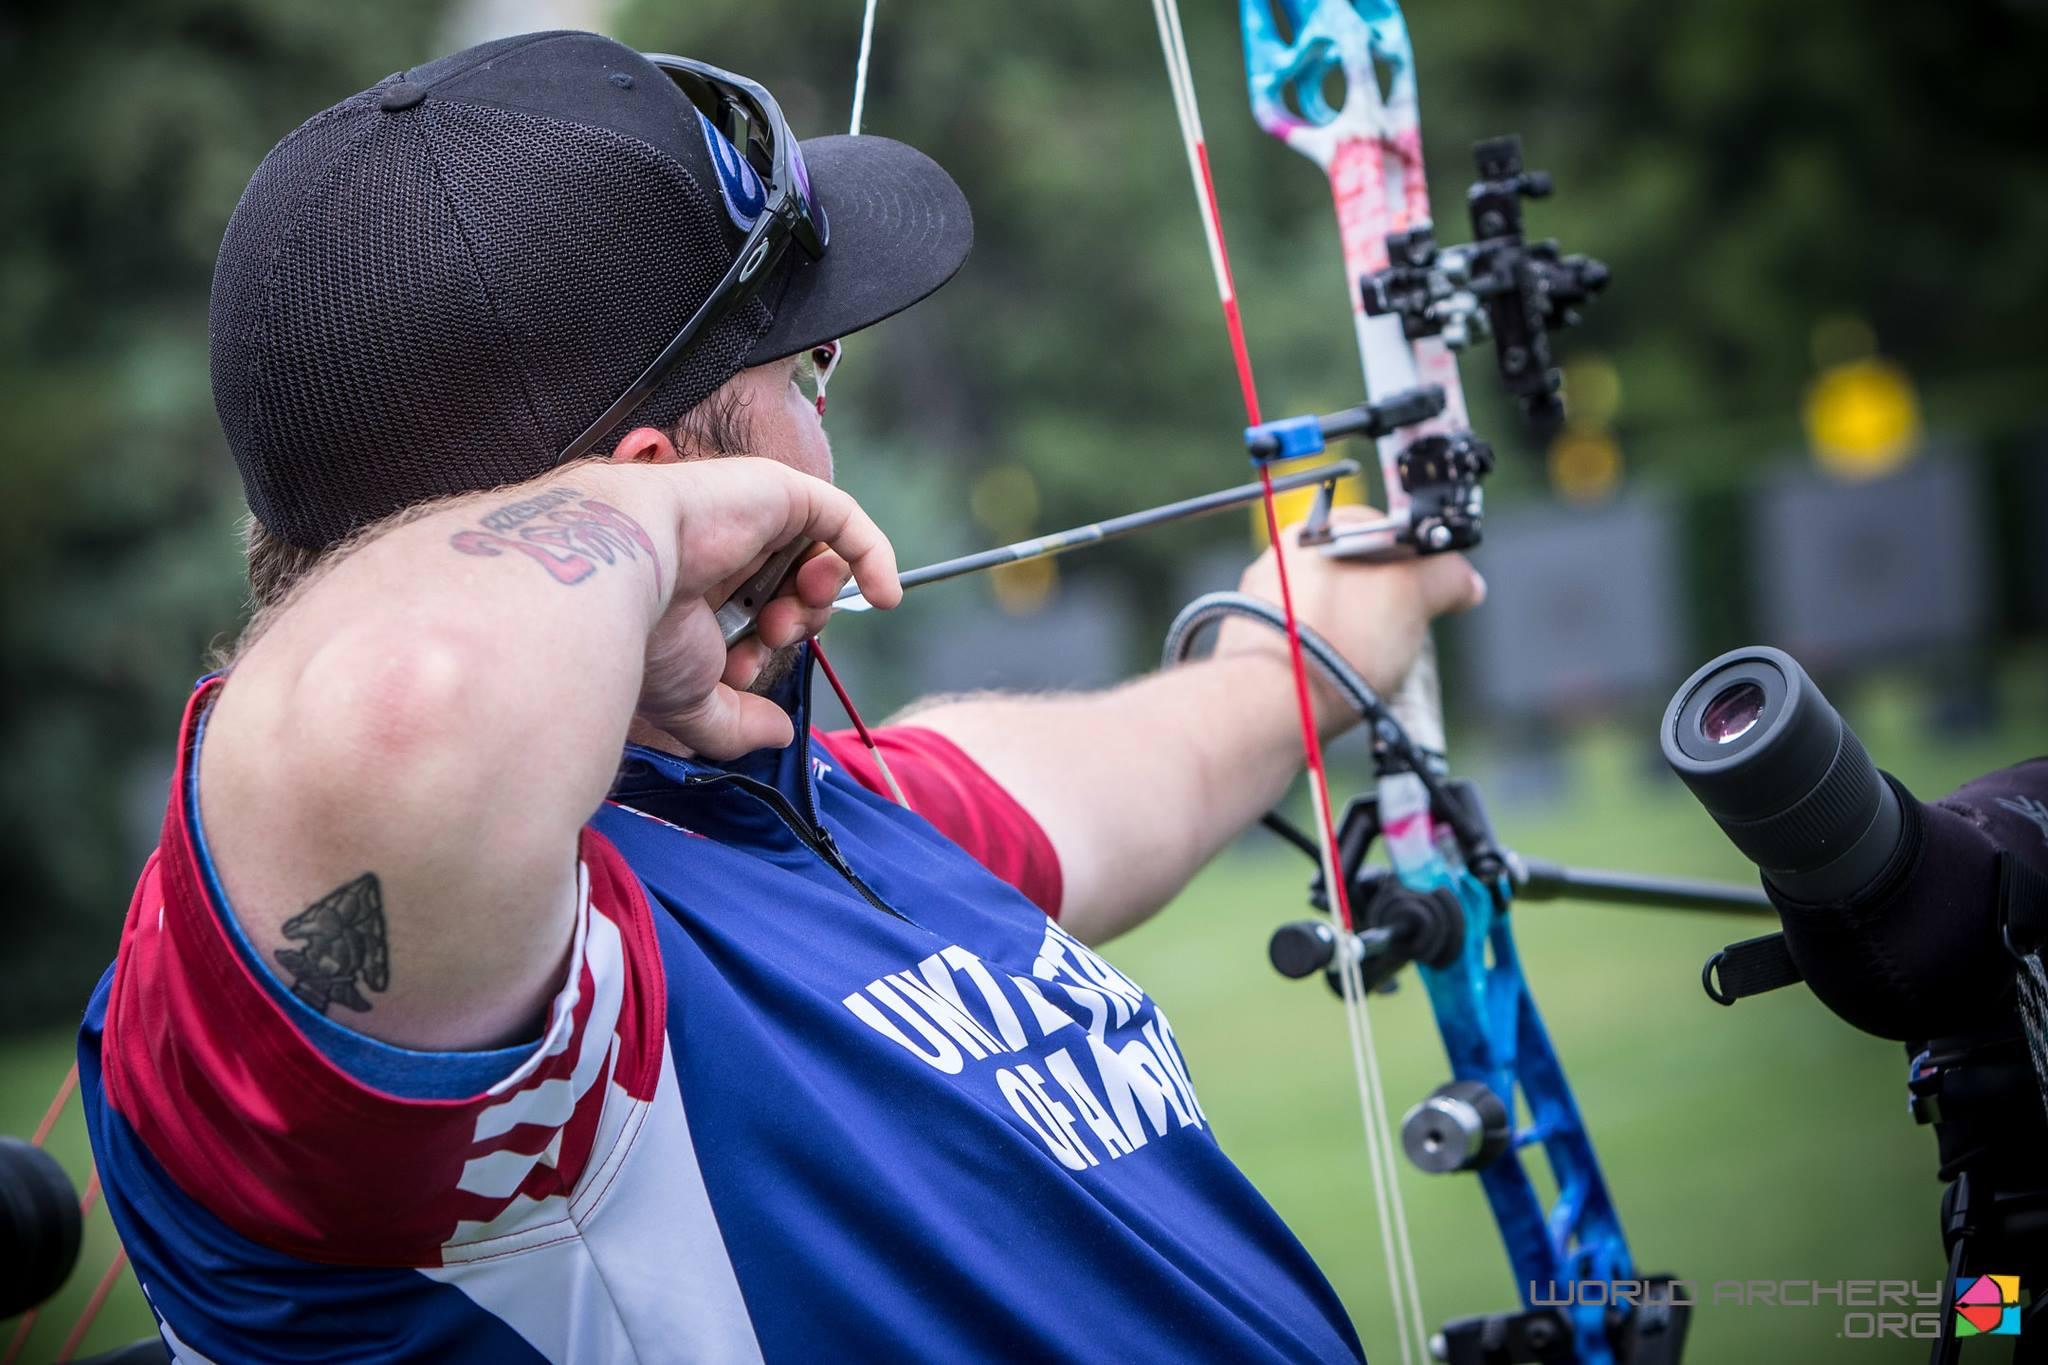 world archery kris schaff elite archery